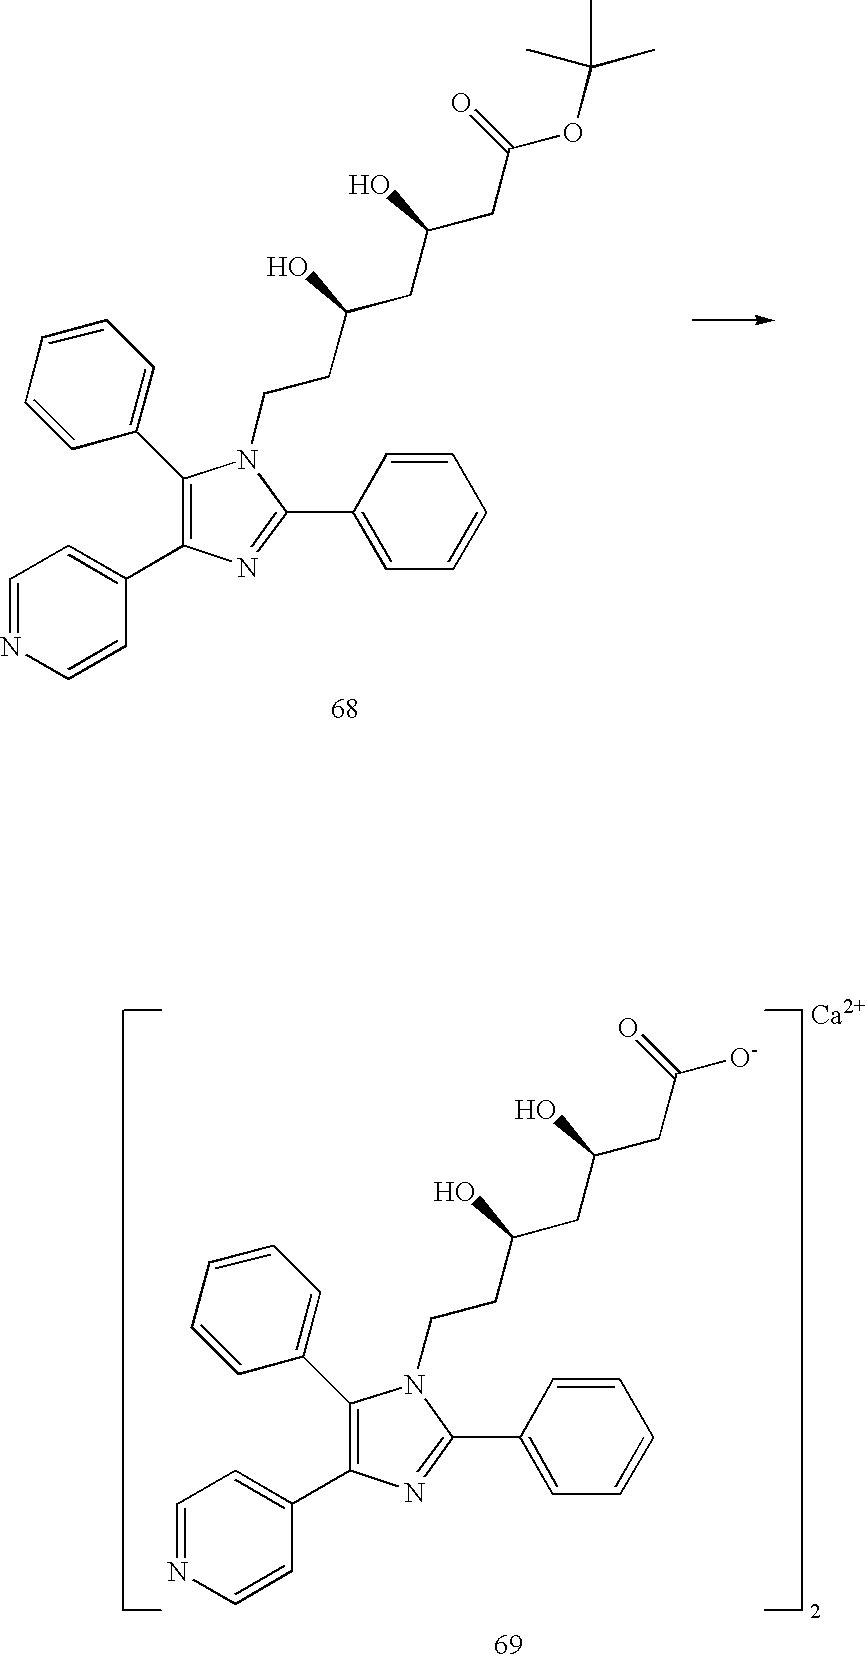 Figure US20050261354A1-20051124-C00195